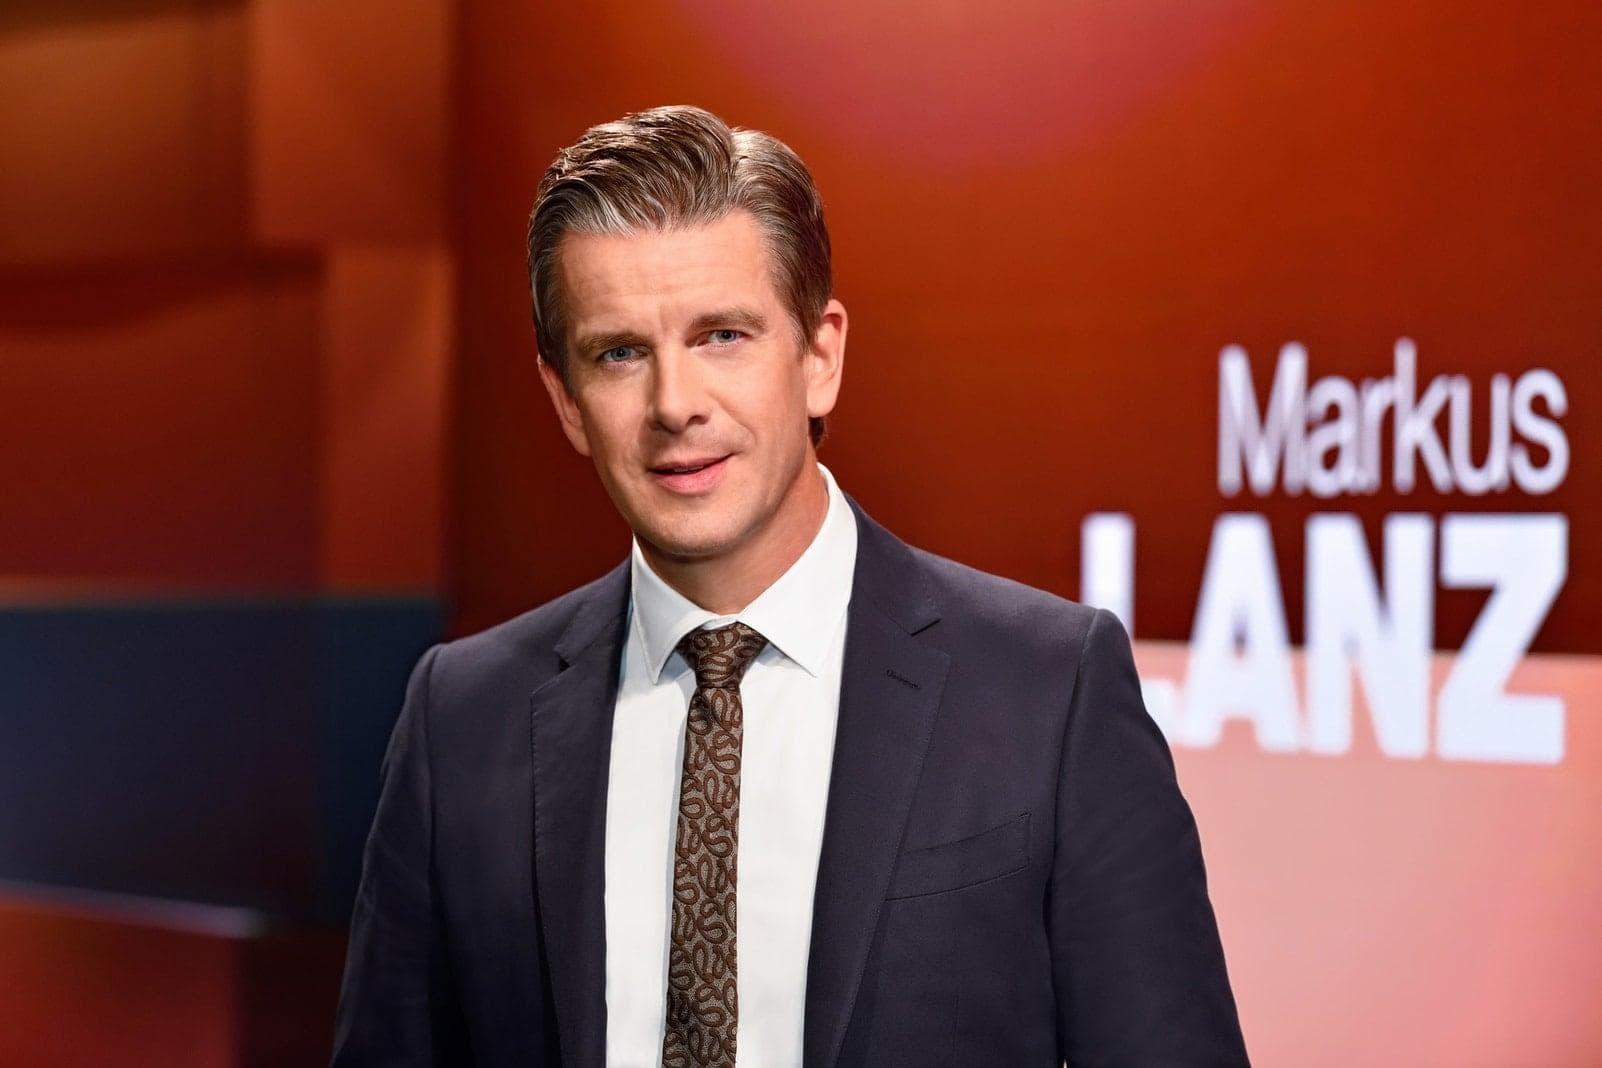 Markus-Lanz-heute-im-ZDF-G-ste-und-Themen-am-Mittwoch